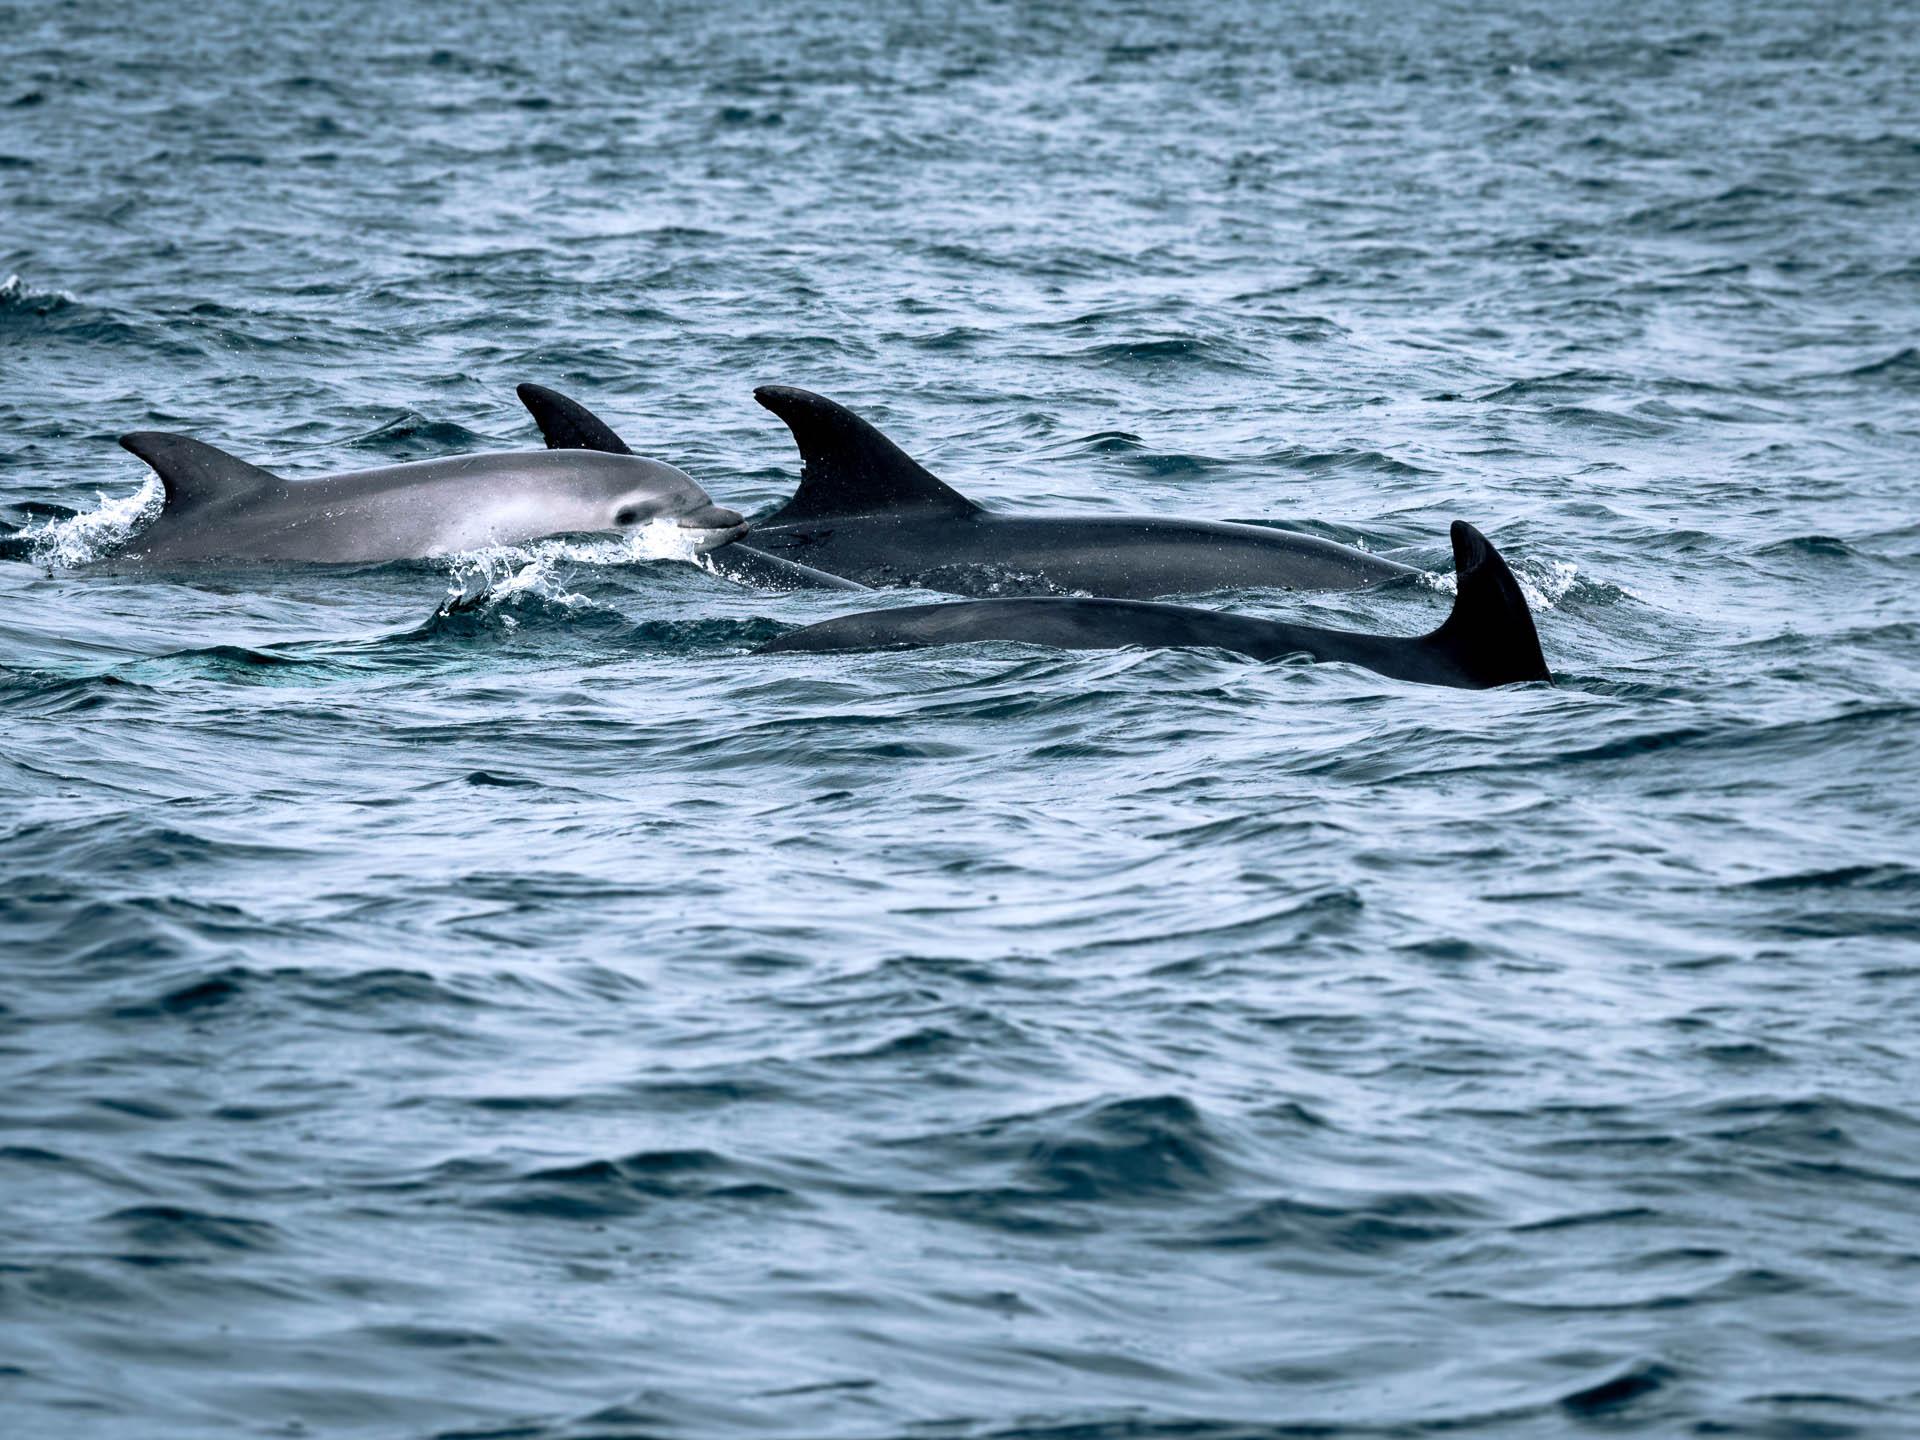 bébé dauphin mer d'iroise finistère